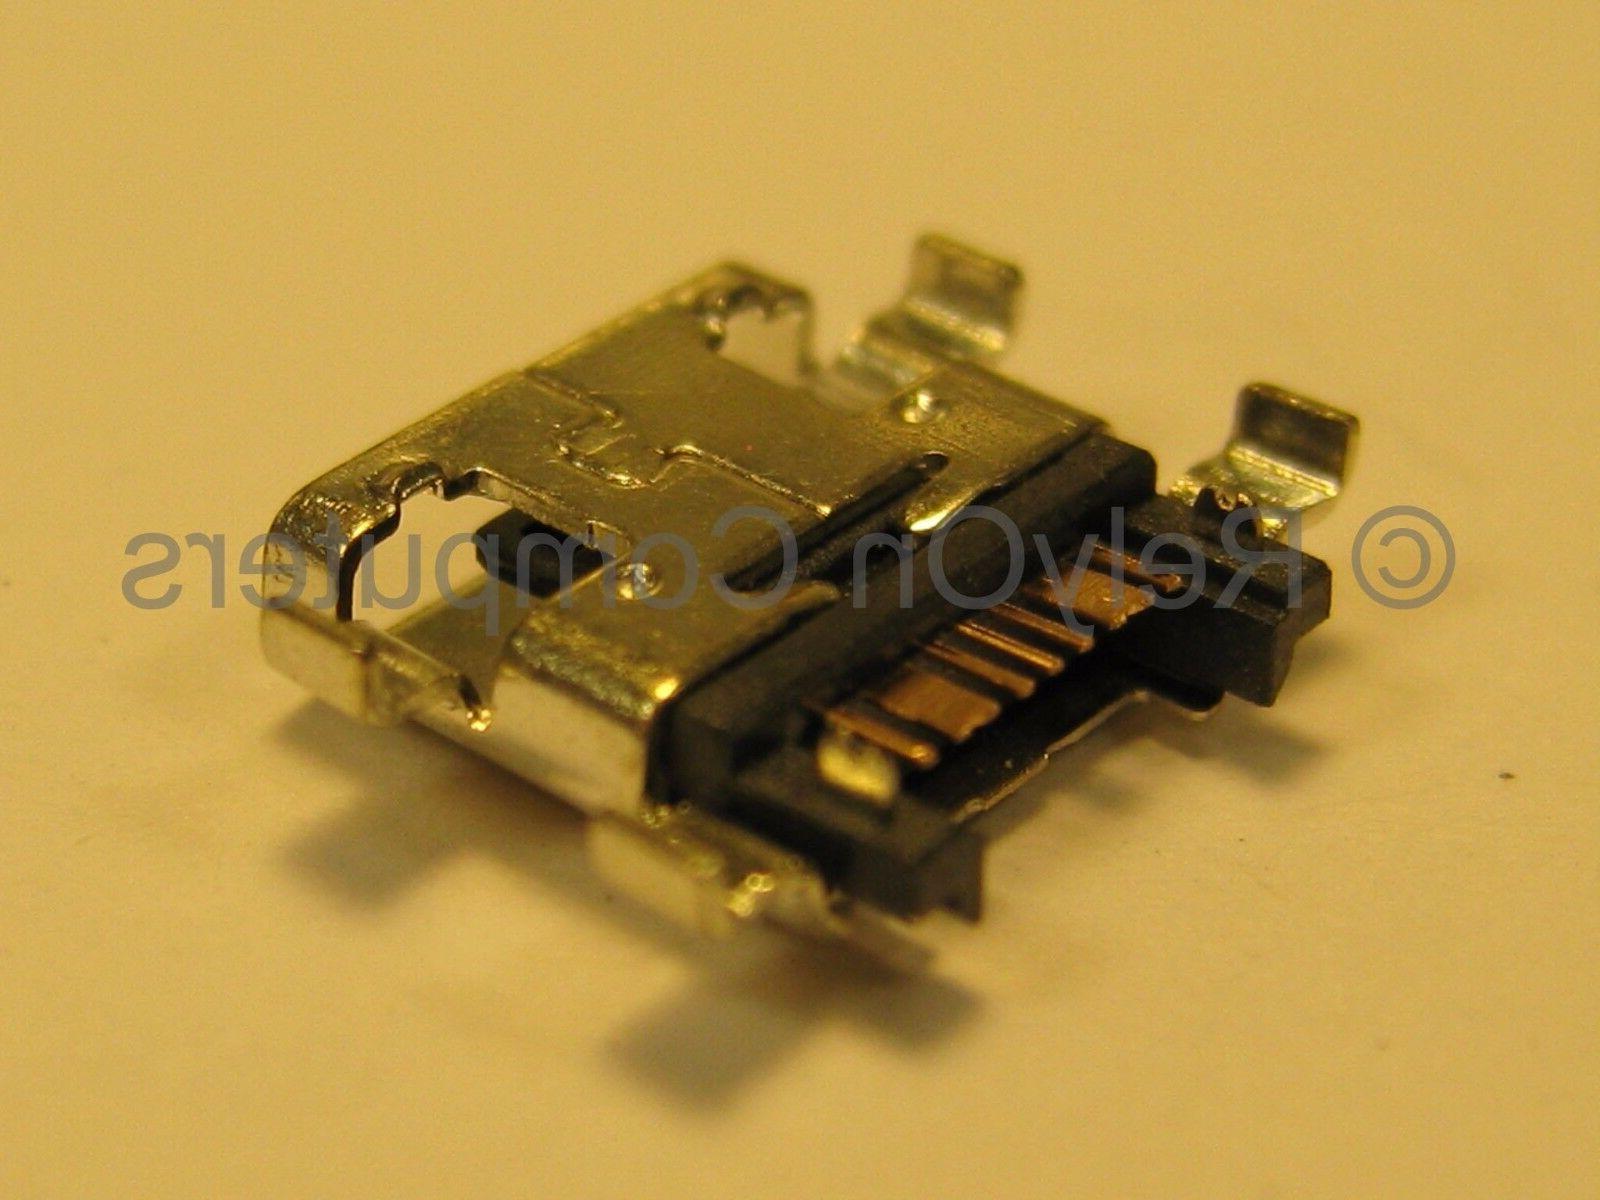 2x J7 SM-J727 of Micro Sync